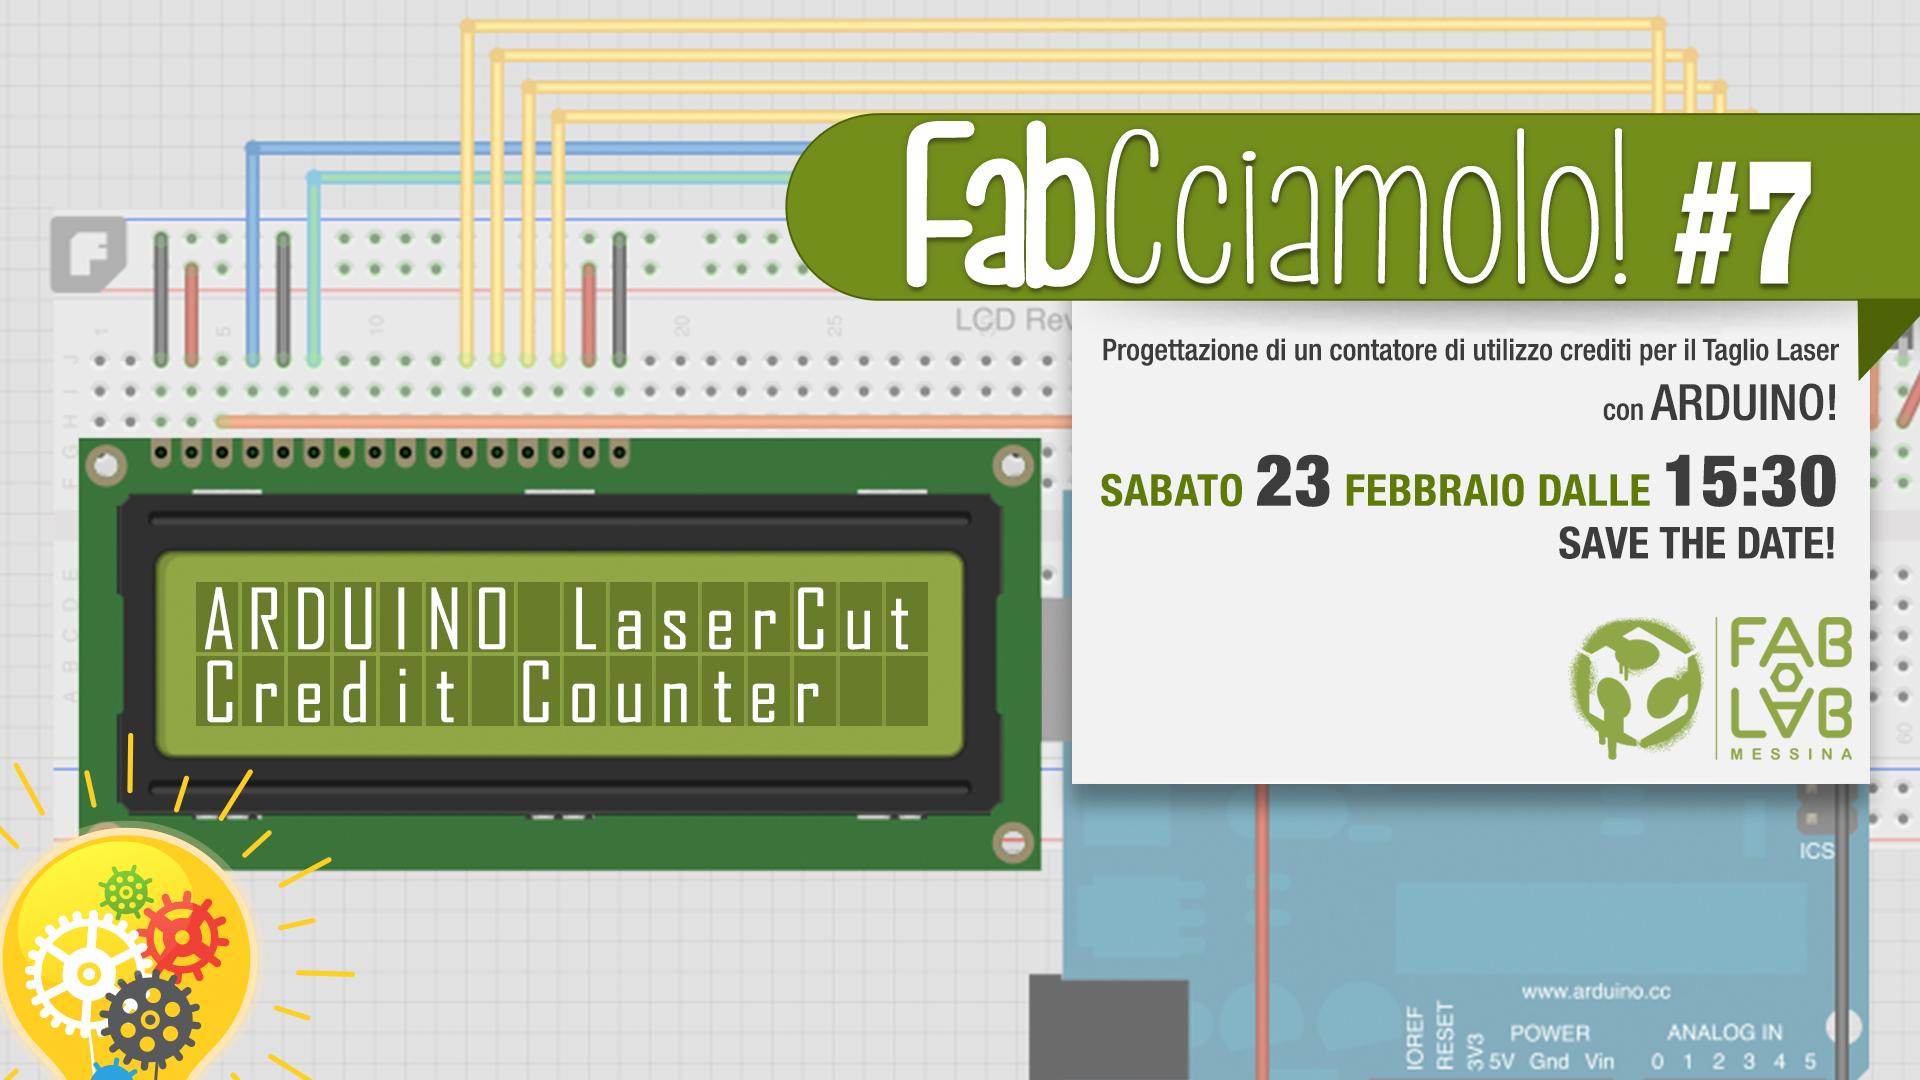 FabCciamolo!#7 ARDUINO Credit Counter